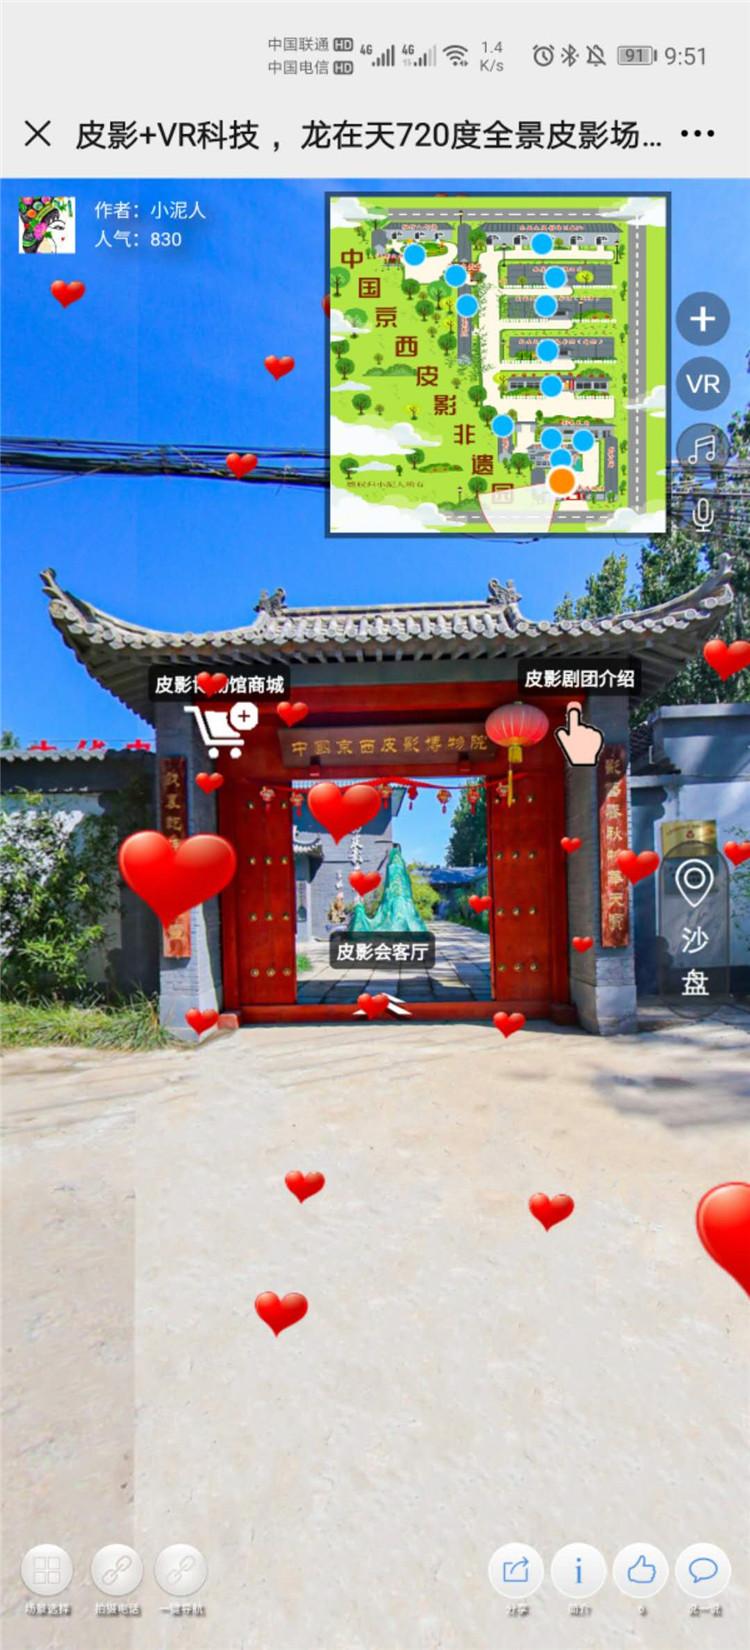 北京京西皮影vr全景、手绘地图、智能导览制作多少钱,案例展示.jpg